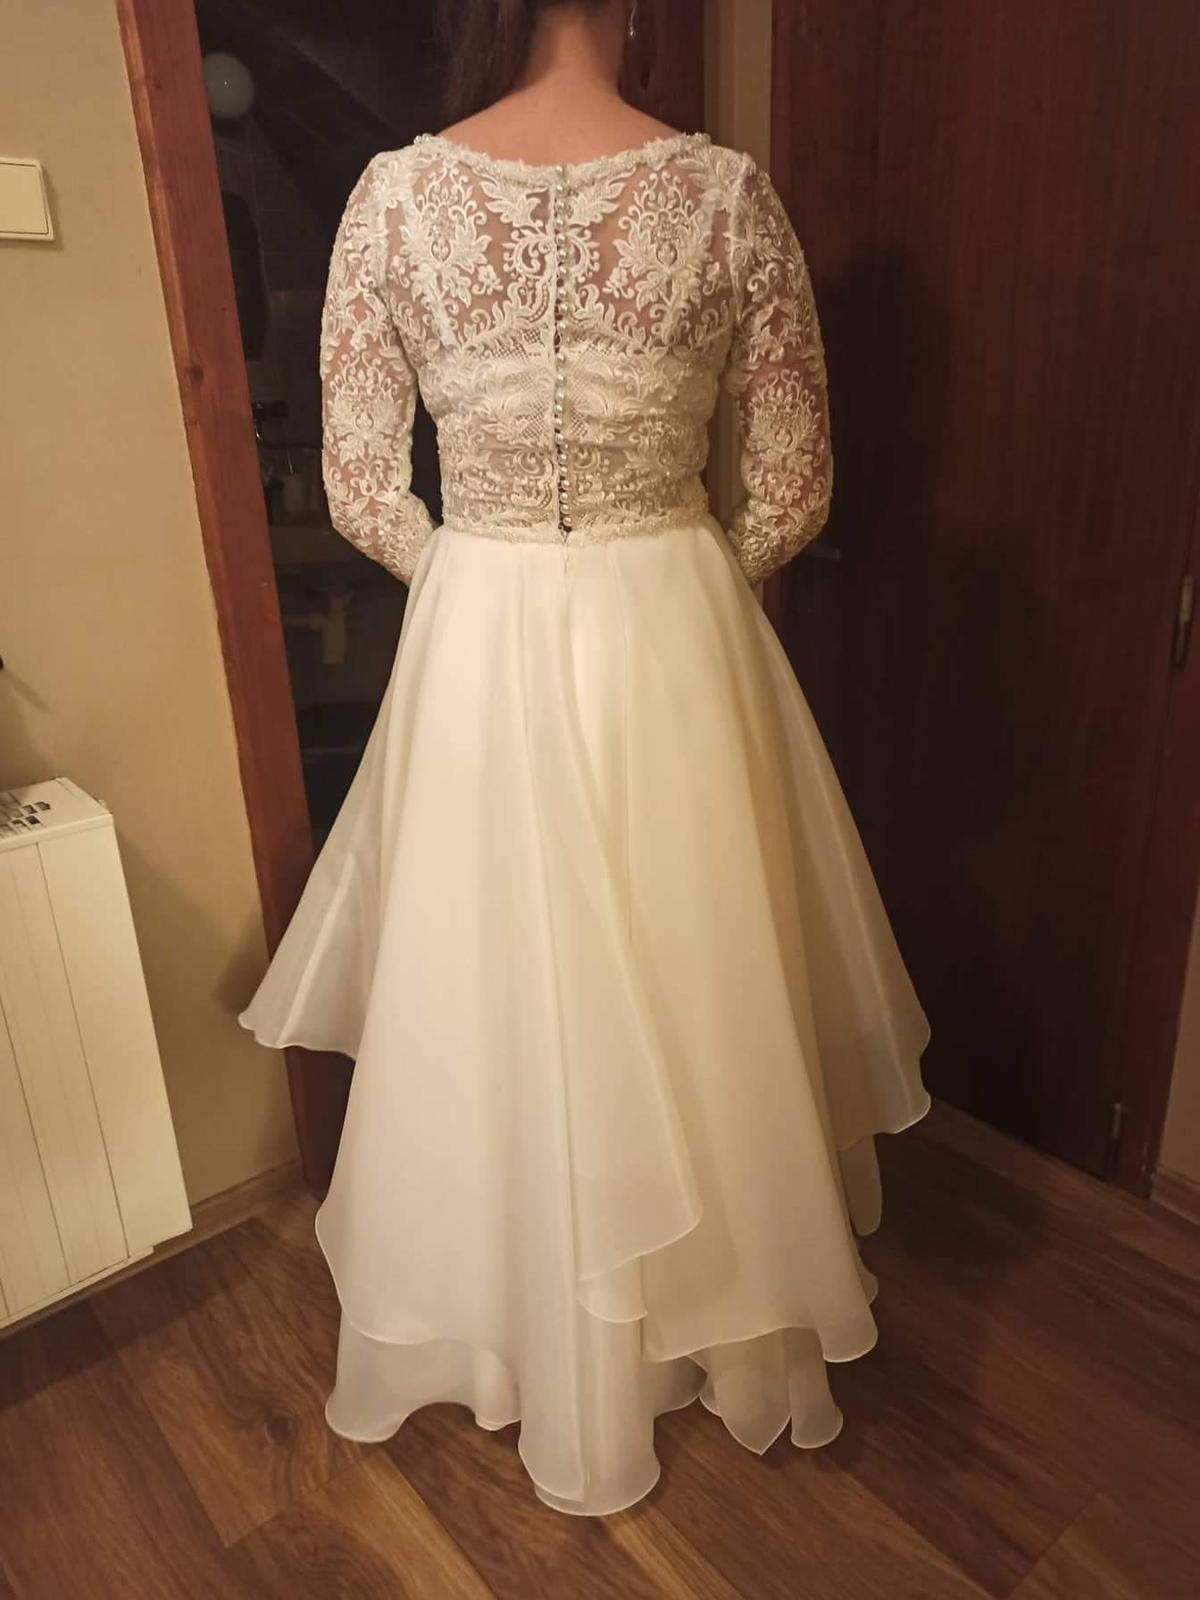 Predám svadobné šaty veľkosť 38 - Obrázok č. 4